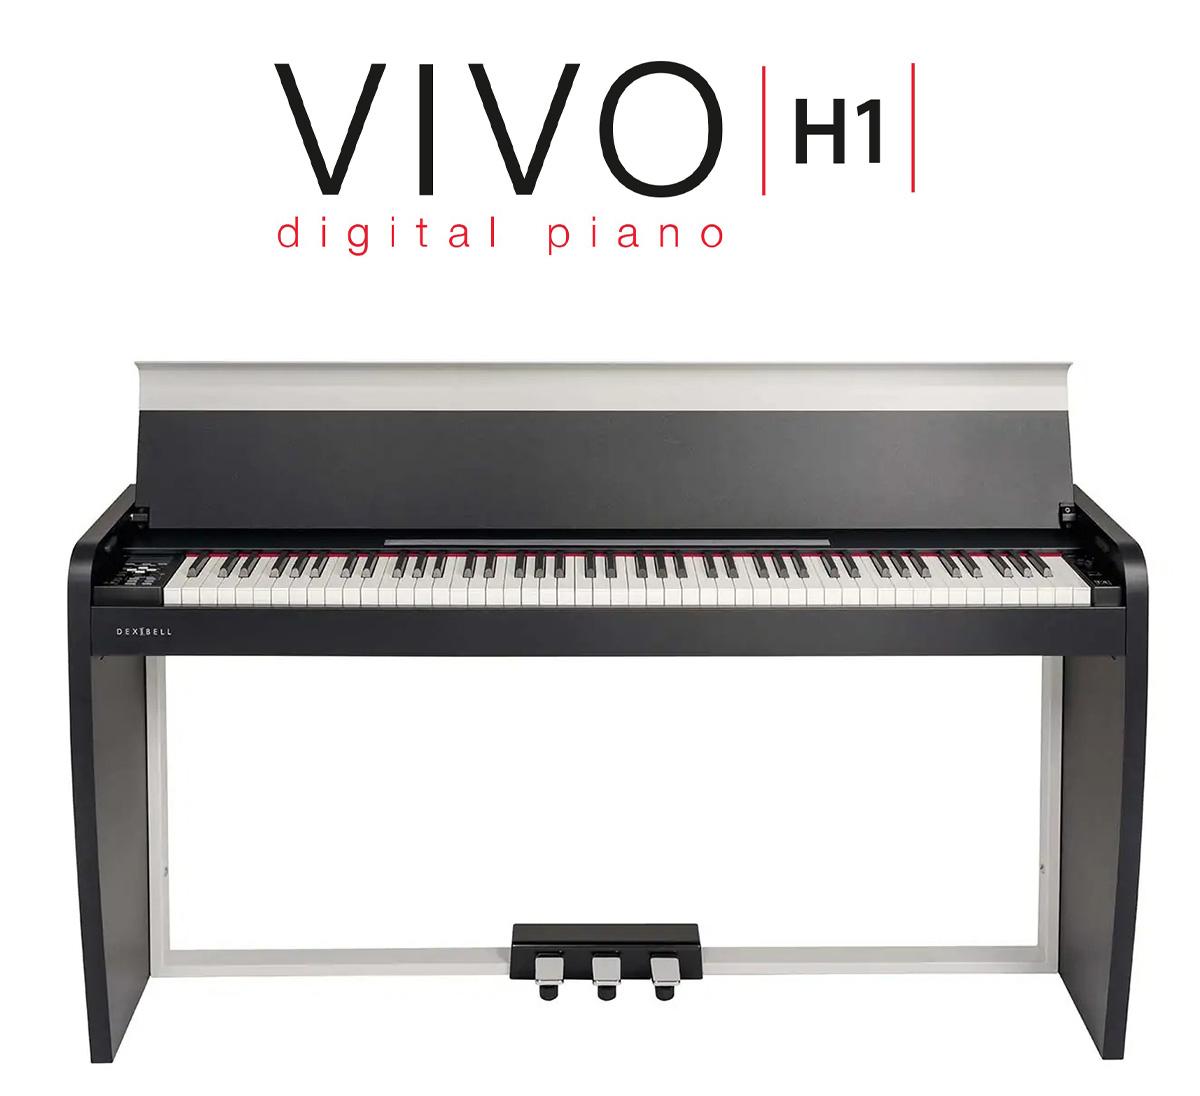 VIVO H1